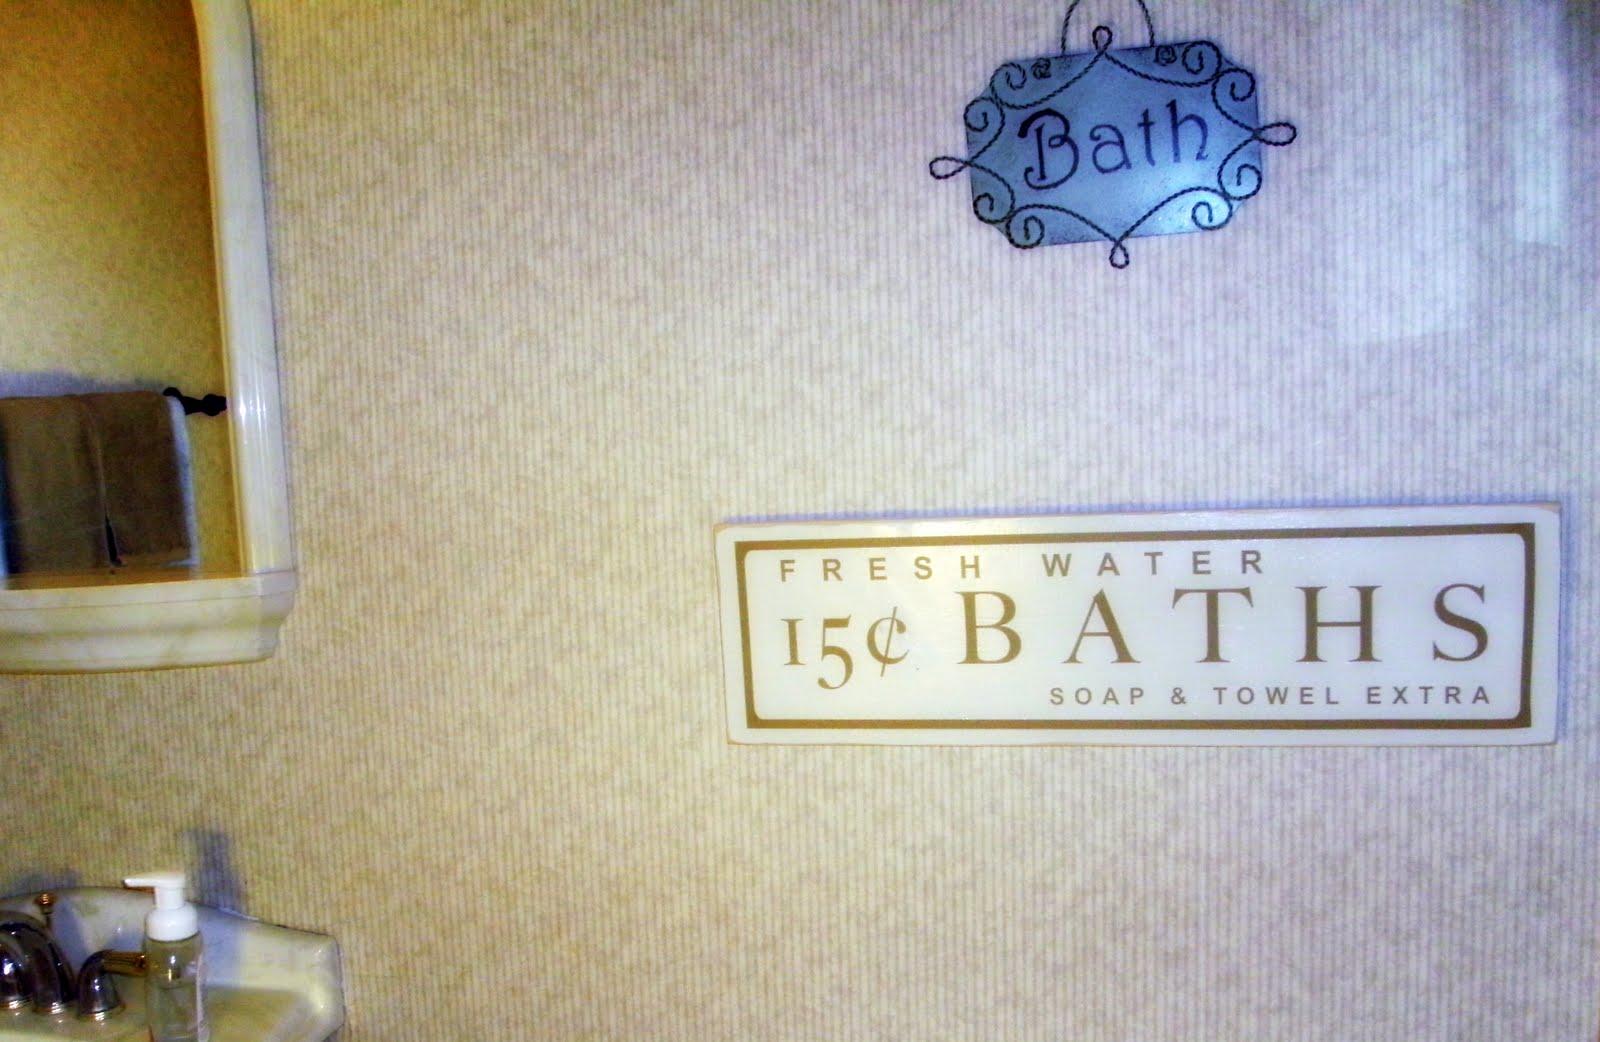 http://2.bp.blogspot.com/_bfAUDiuVgpk/TCDEJbWS-RI/AAAAAAAACK8/cLbTbqBH5Y8/s1600/sepia_bath_after_20.jpg